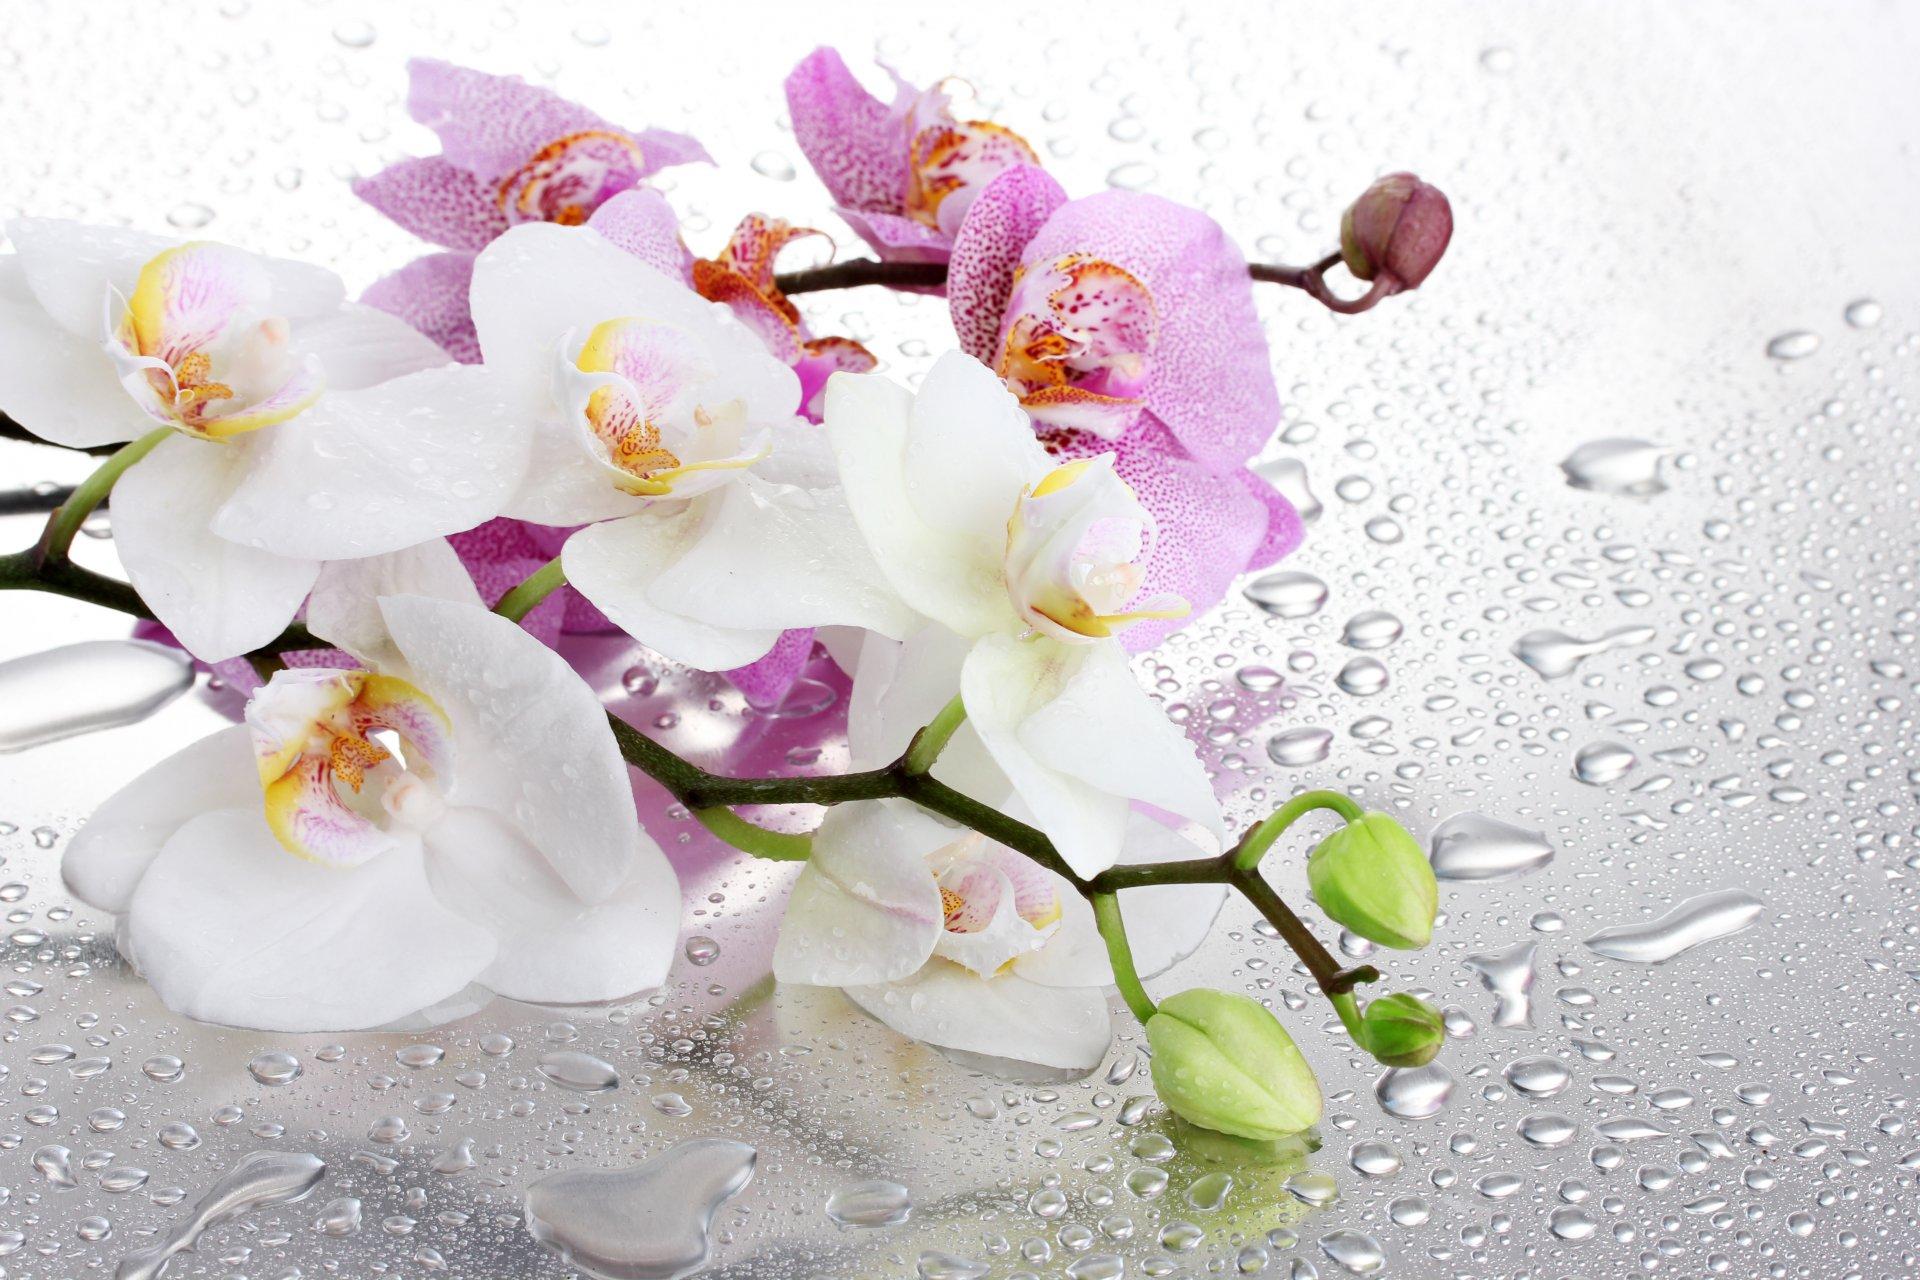 Фото орхидеи высокого качества